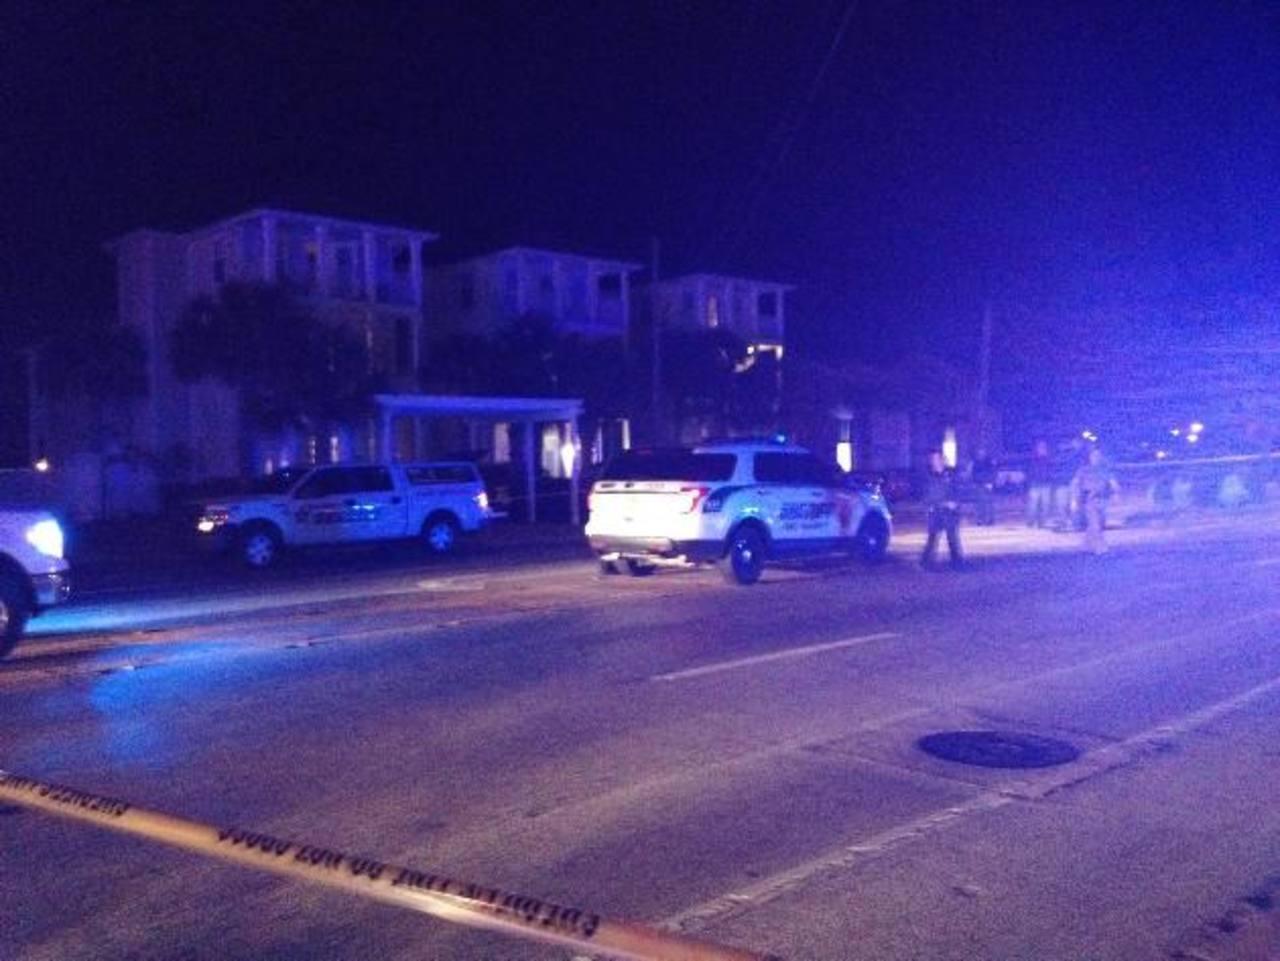 Siete personas heridas en un tiroteo registrado en una residencia de EE.UU.